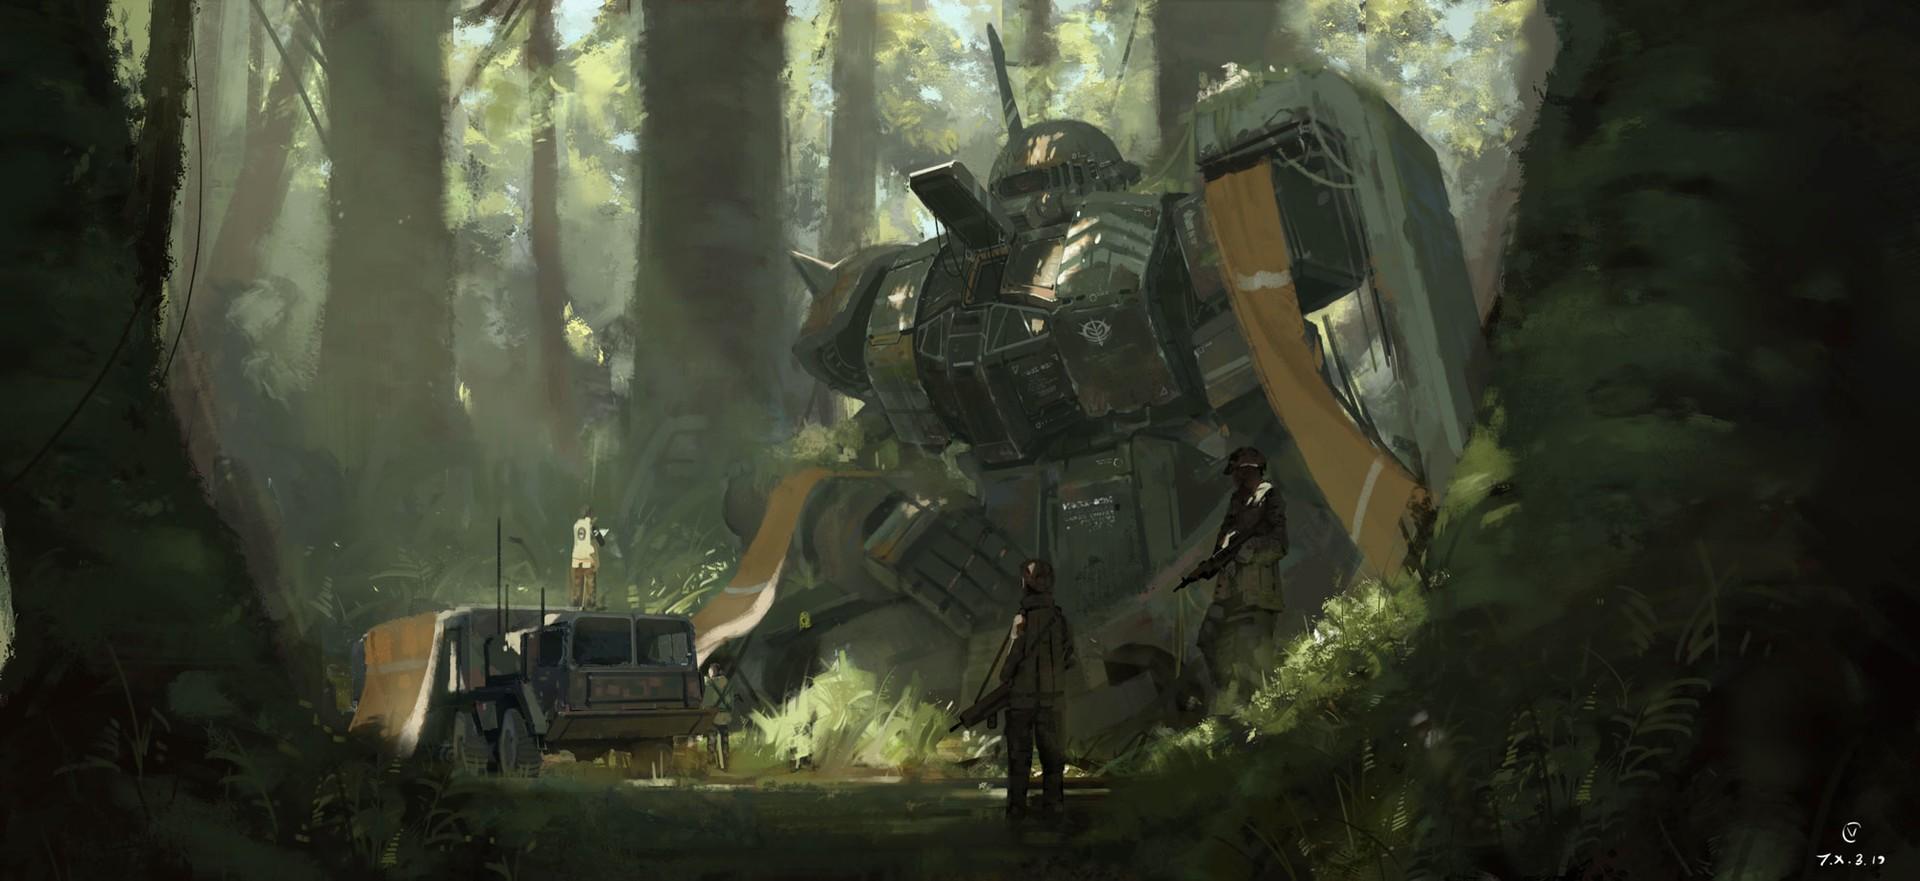 デスクトップ壁紙 森林 アートワーク sf ガンダム ジャングル